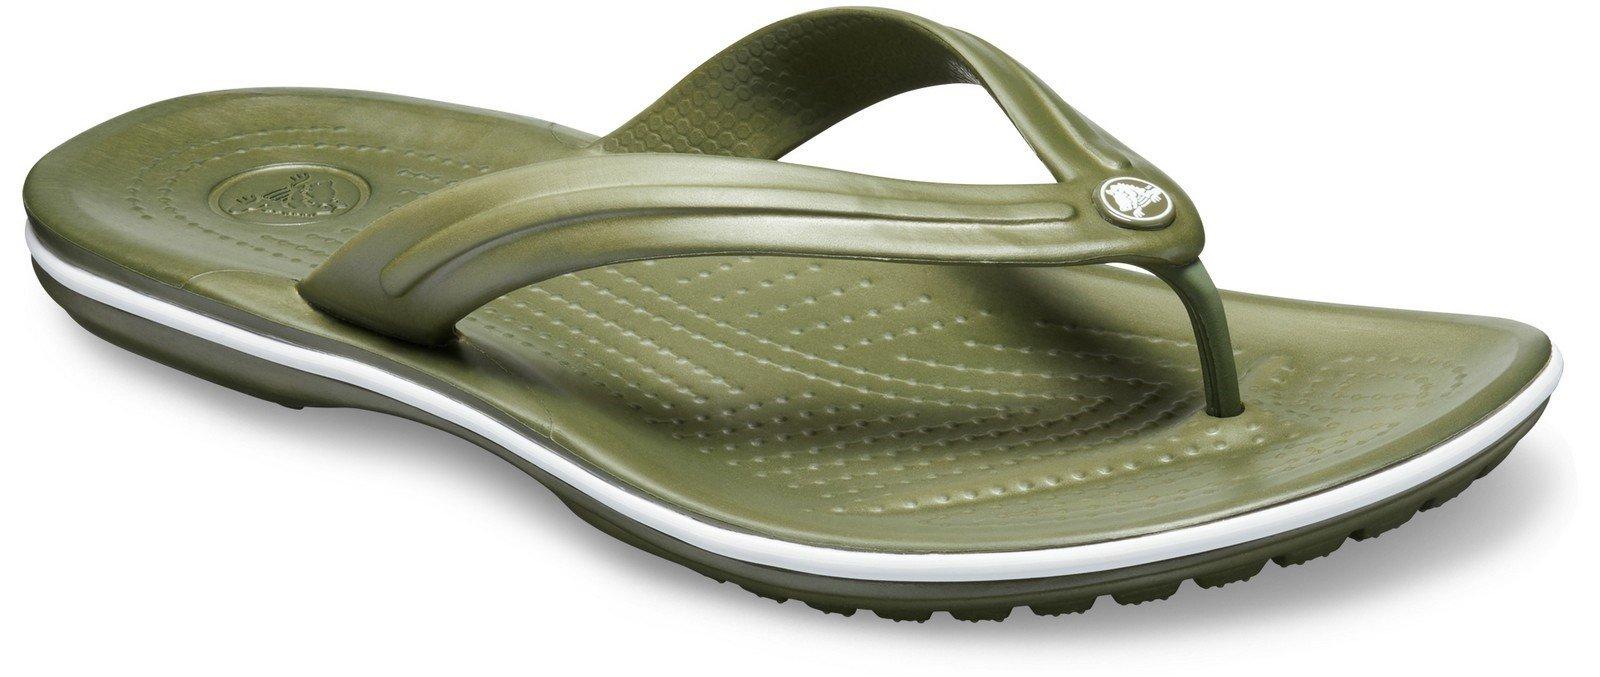 Crocs Unisex Crocband Flip Flops Various Colours 21067 - Green 5